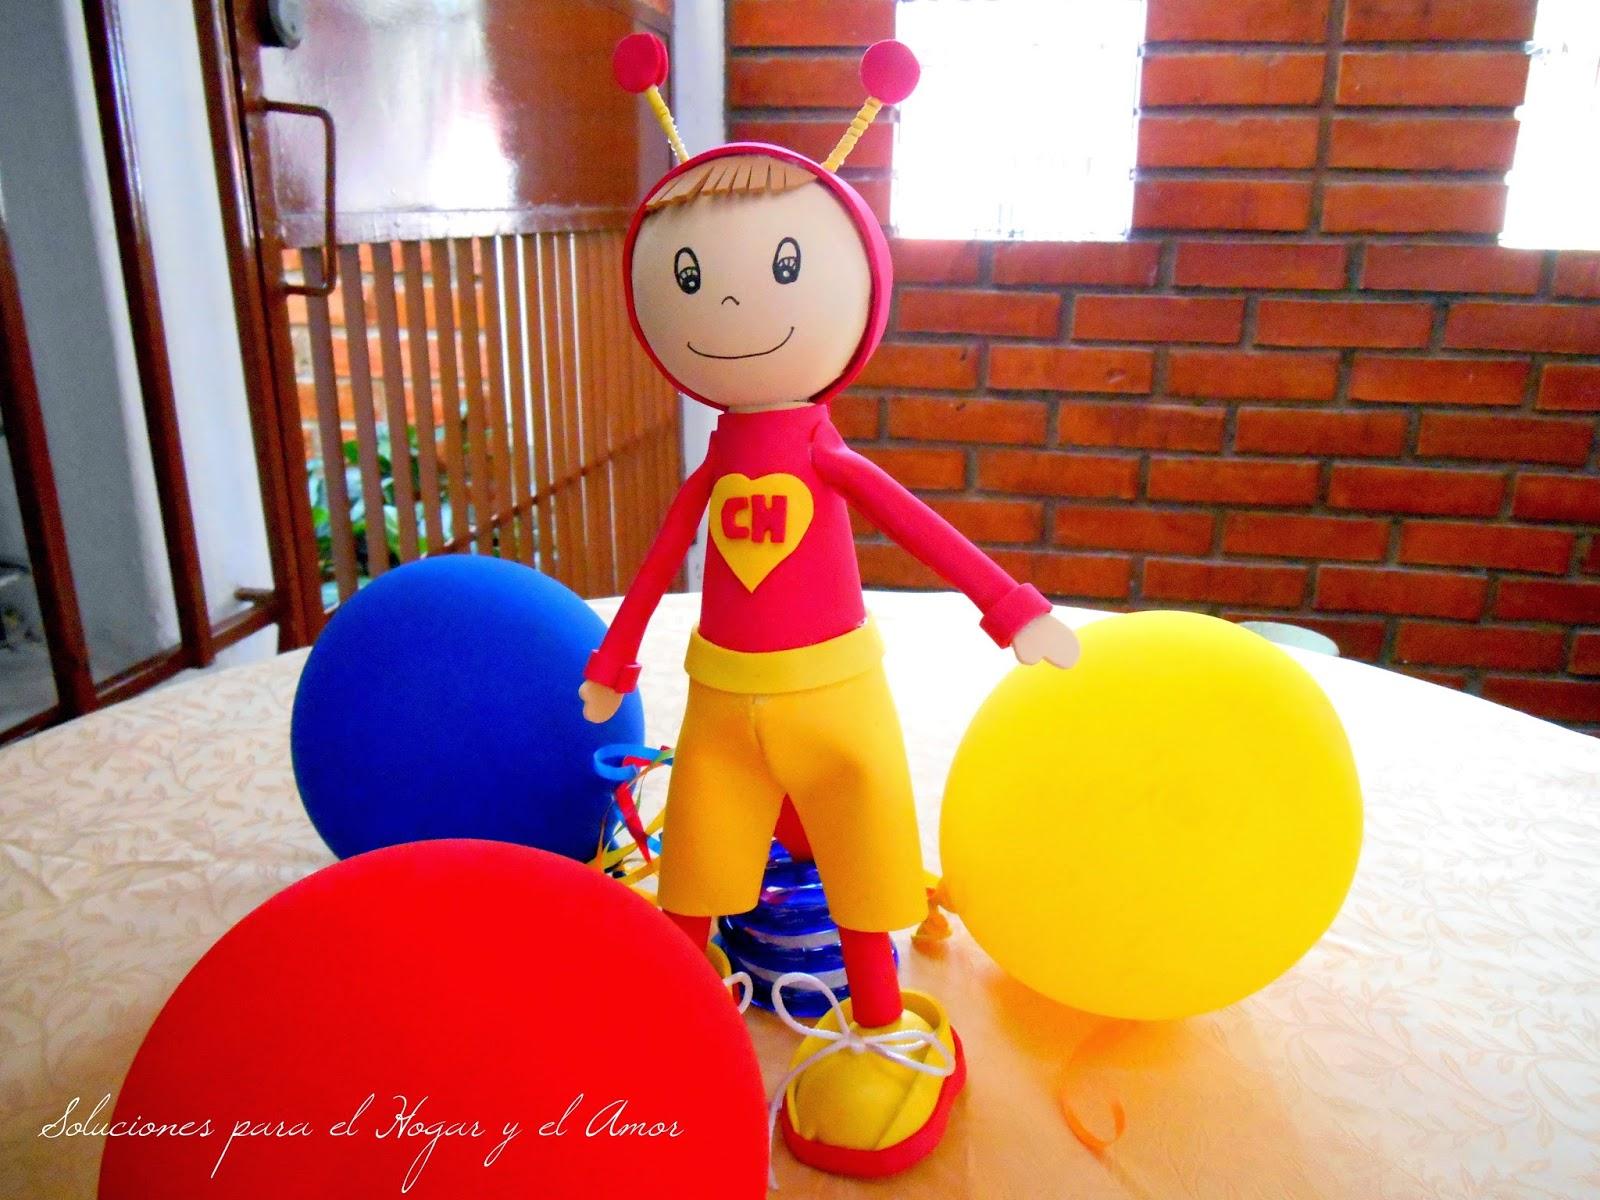 muñeco de foamy, chapulin colorado hecho de foamy, termo formado con foamy